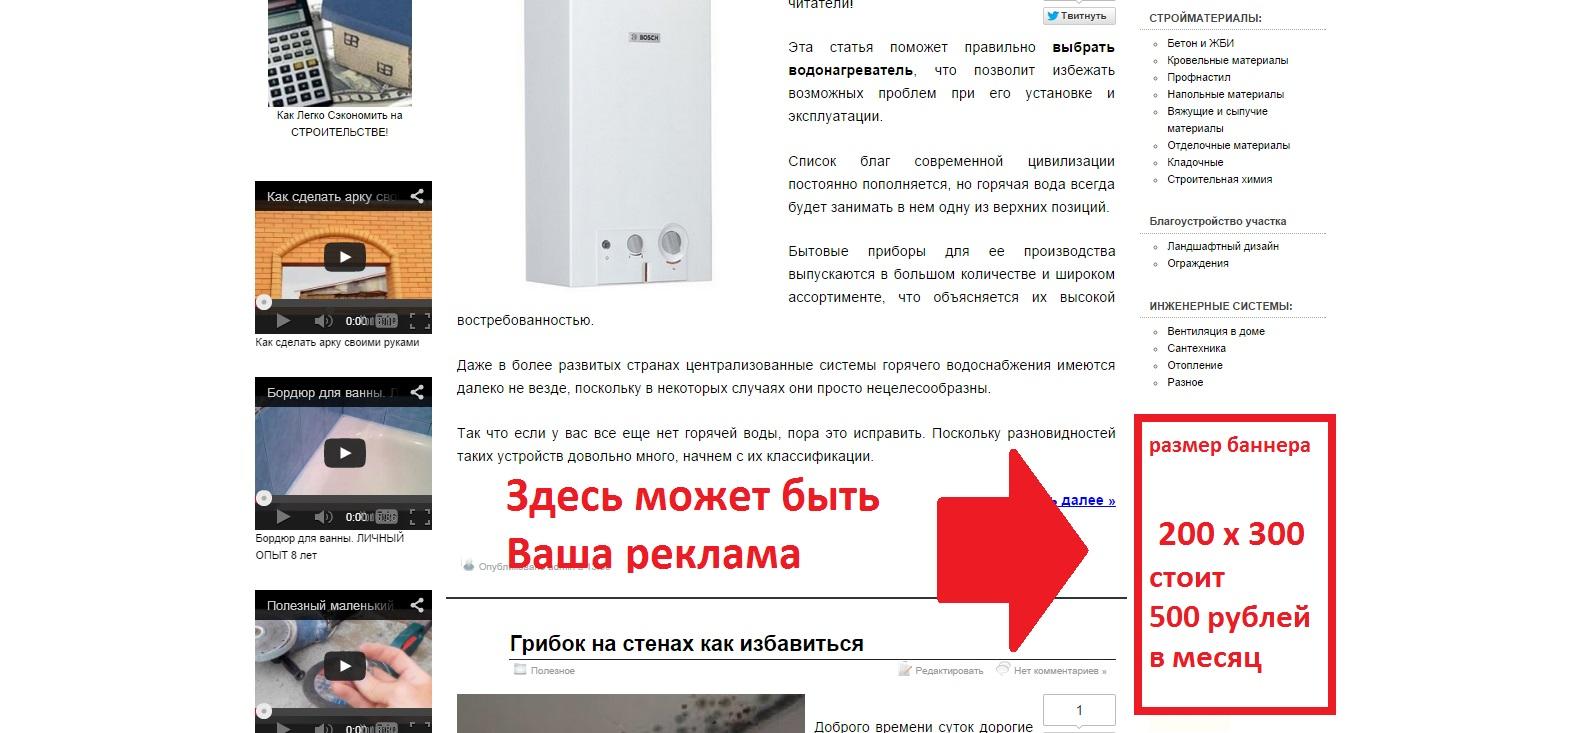 размер баннера 200 x 300 стоит 500 рублей в месяц